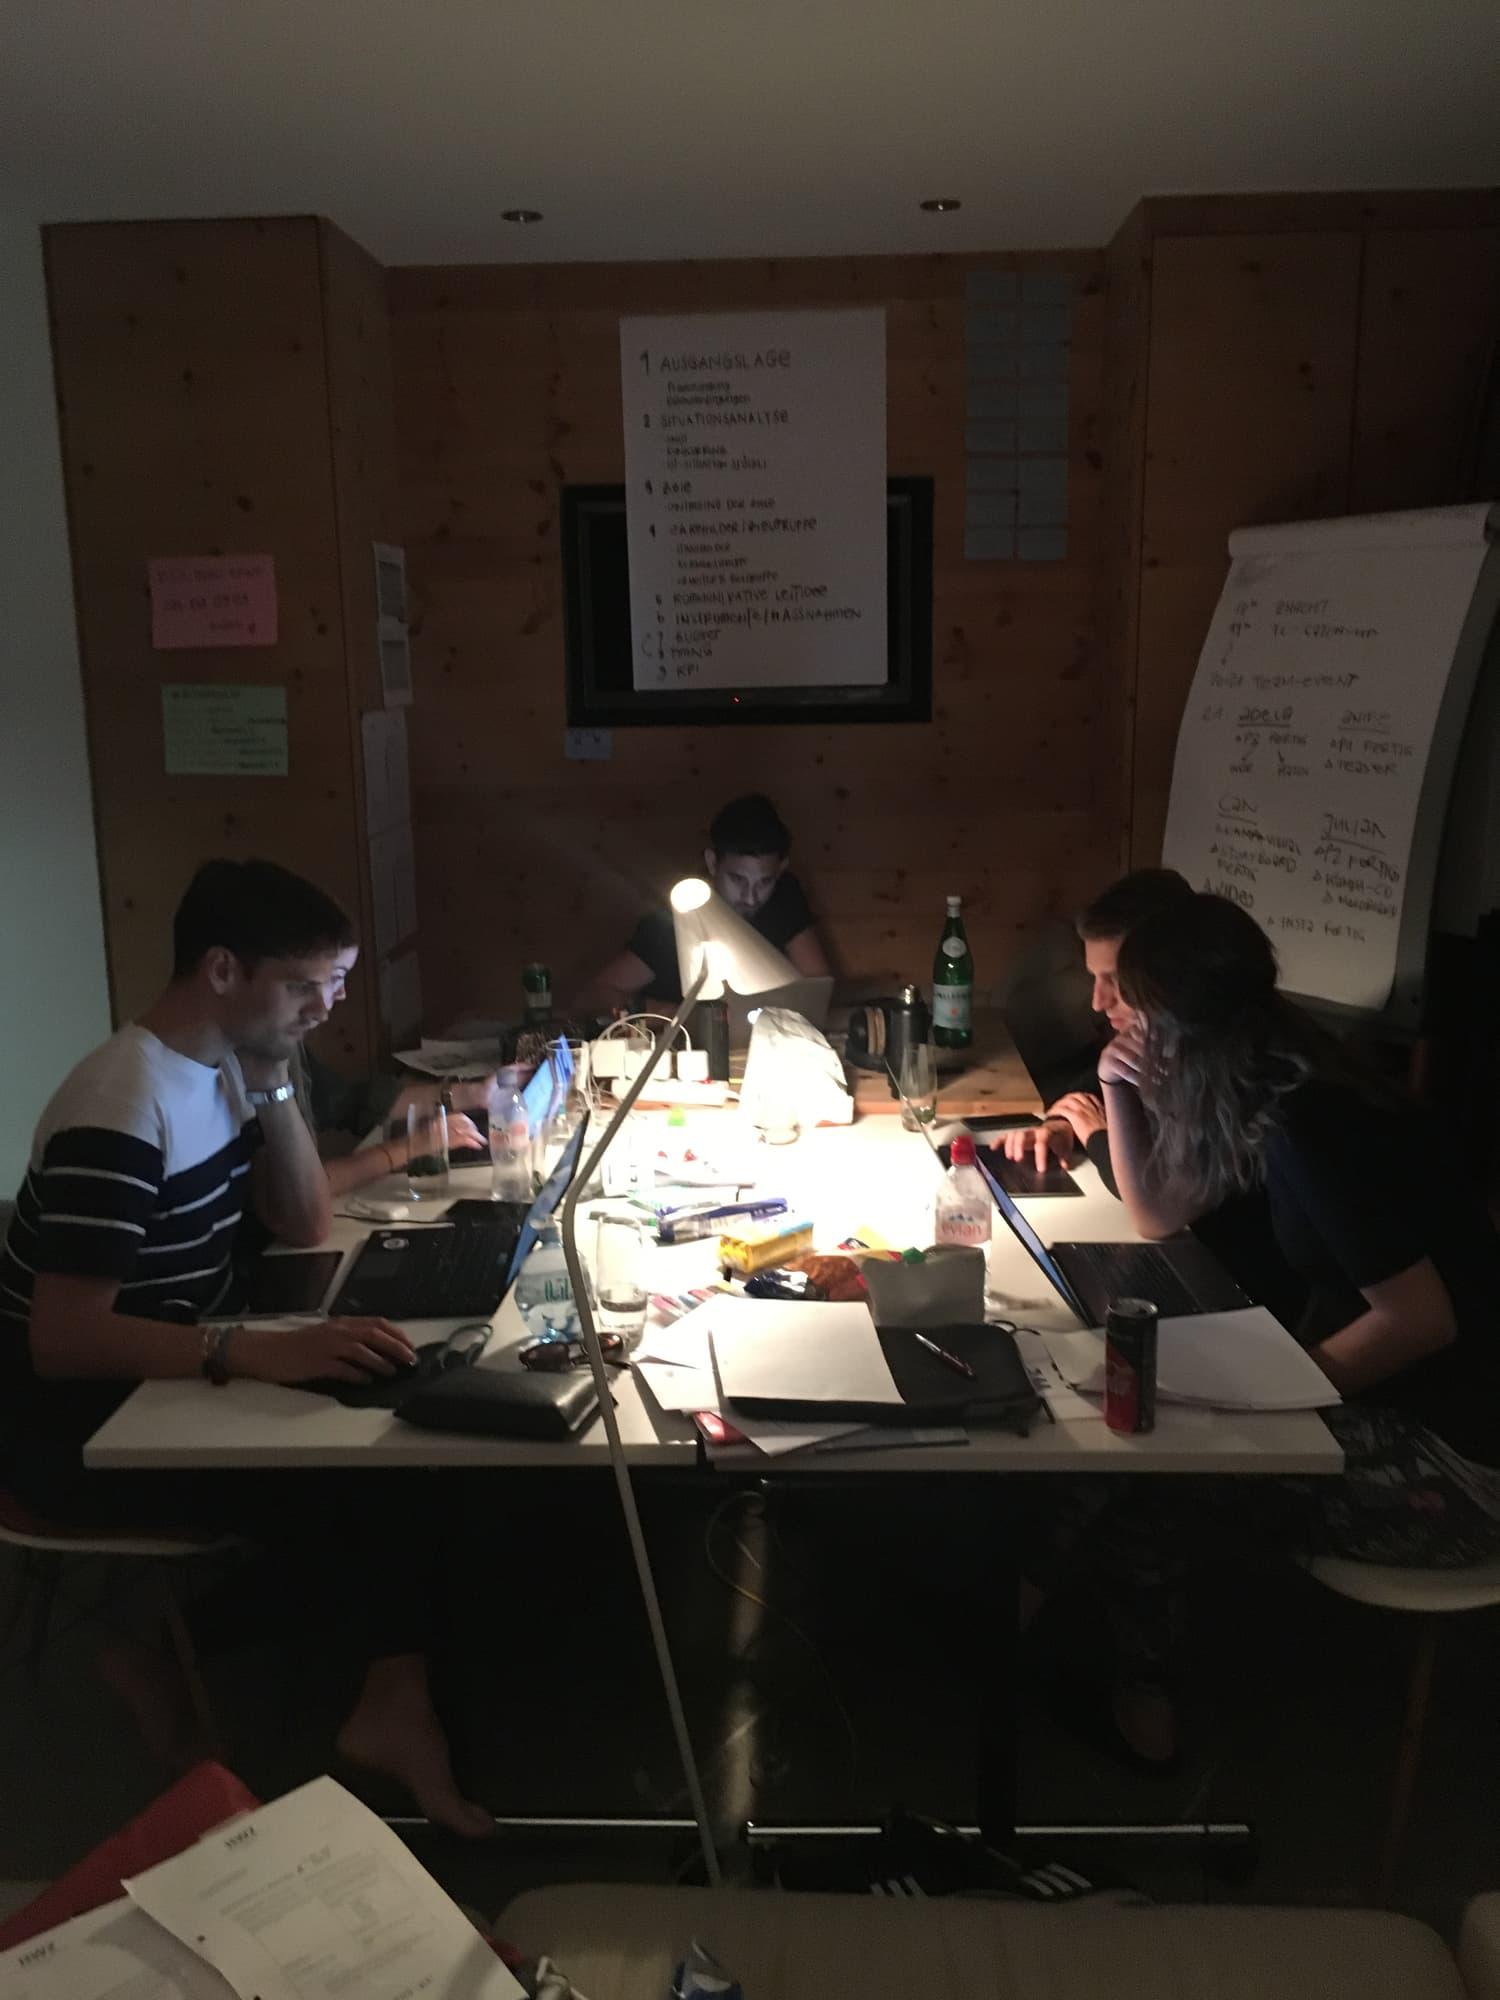 Nachtschicht Projektmanagementseminar Scuol